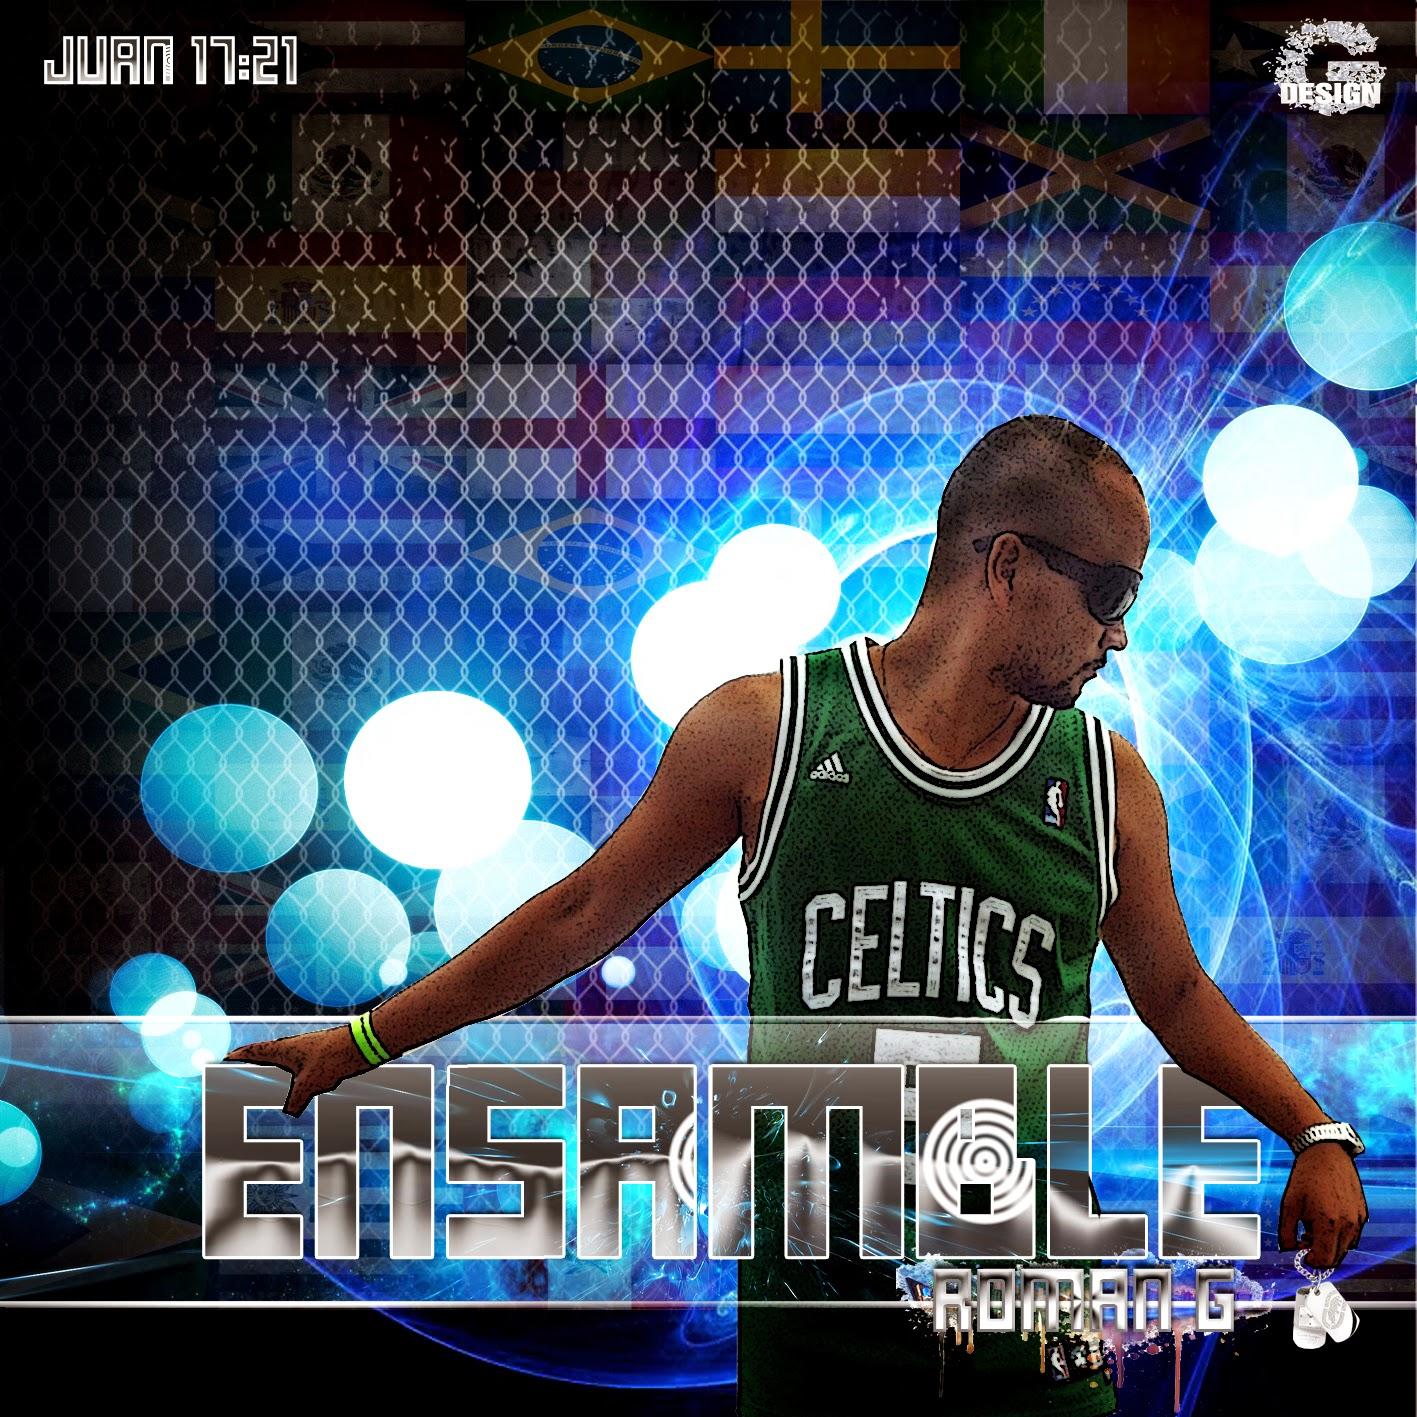 http://www.mediafire.com/download/a03i2710a5w72gw/ENSAMBLE+-+ROMAN+G+-+CD.rar